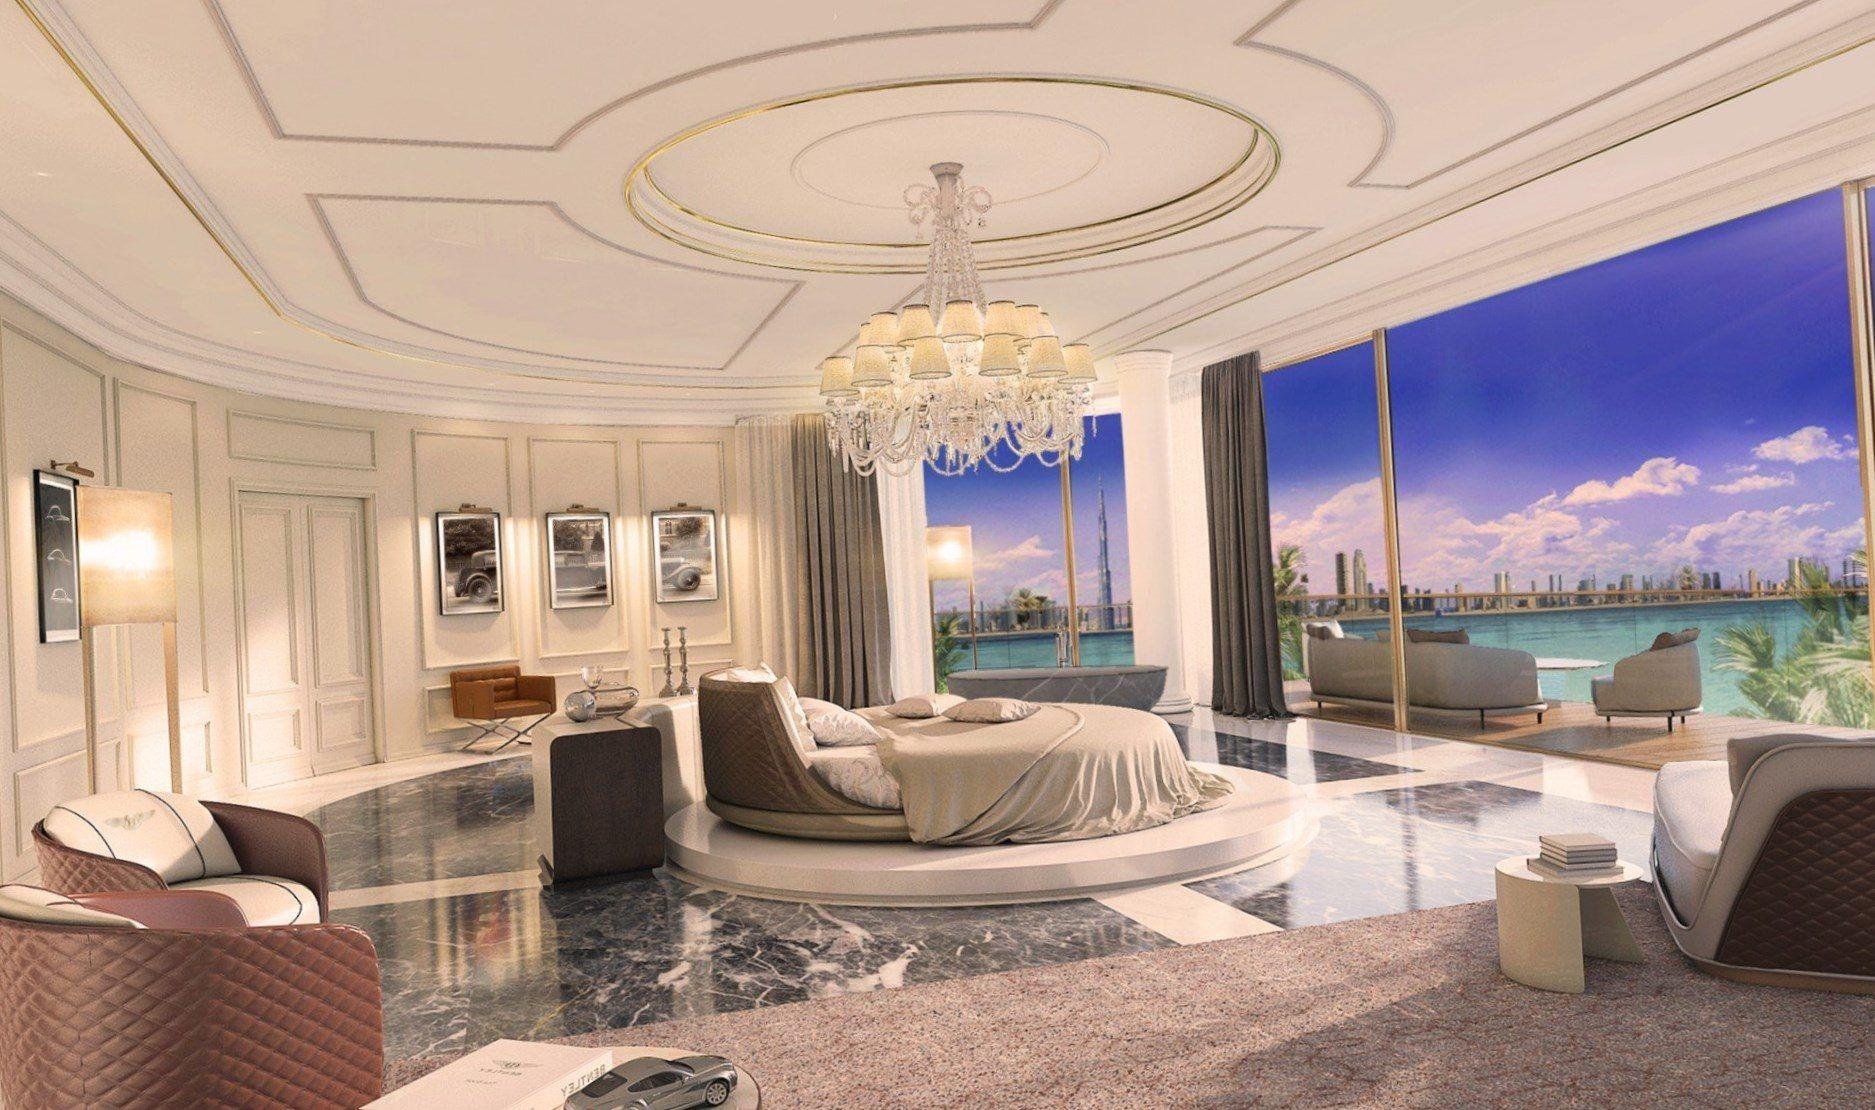 Biggest Bedroom In The World Https Bedroom Design 2017 Info Designs Biggest Bedroom In The World Html Bedr Big Bedrooms Luxurious Bedrooms Bedroom Design